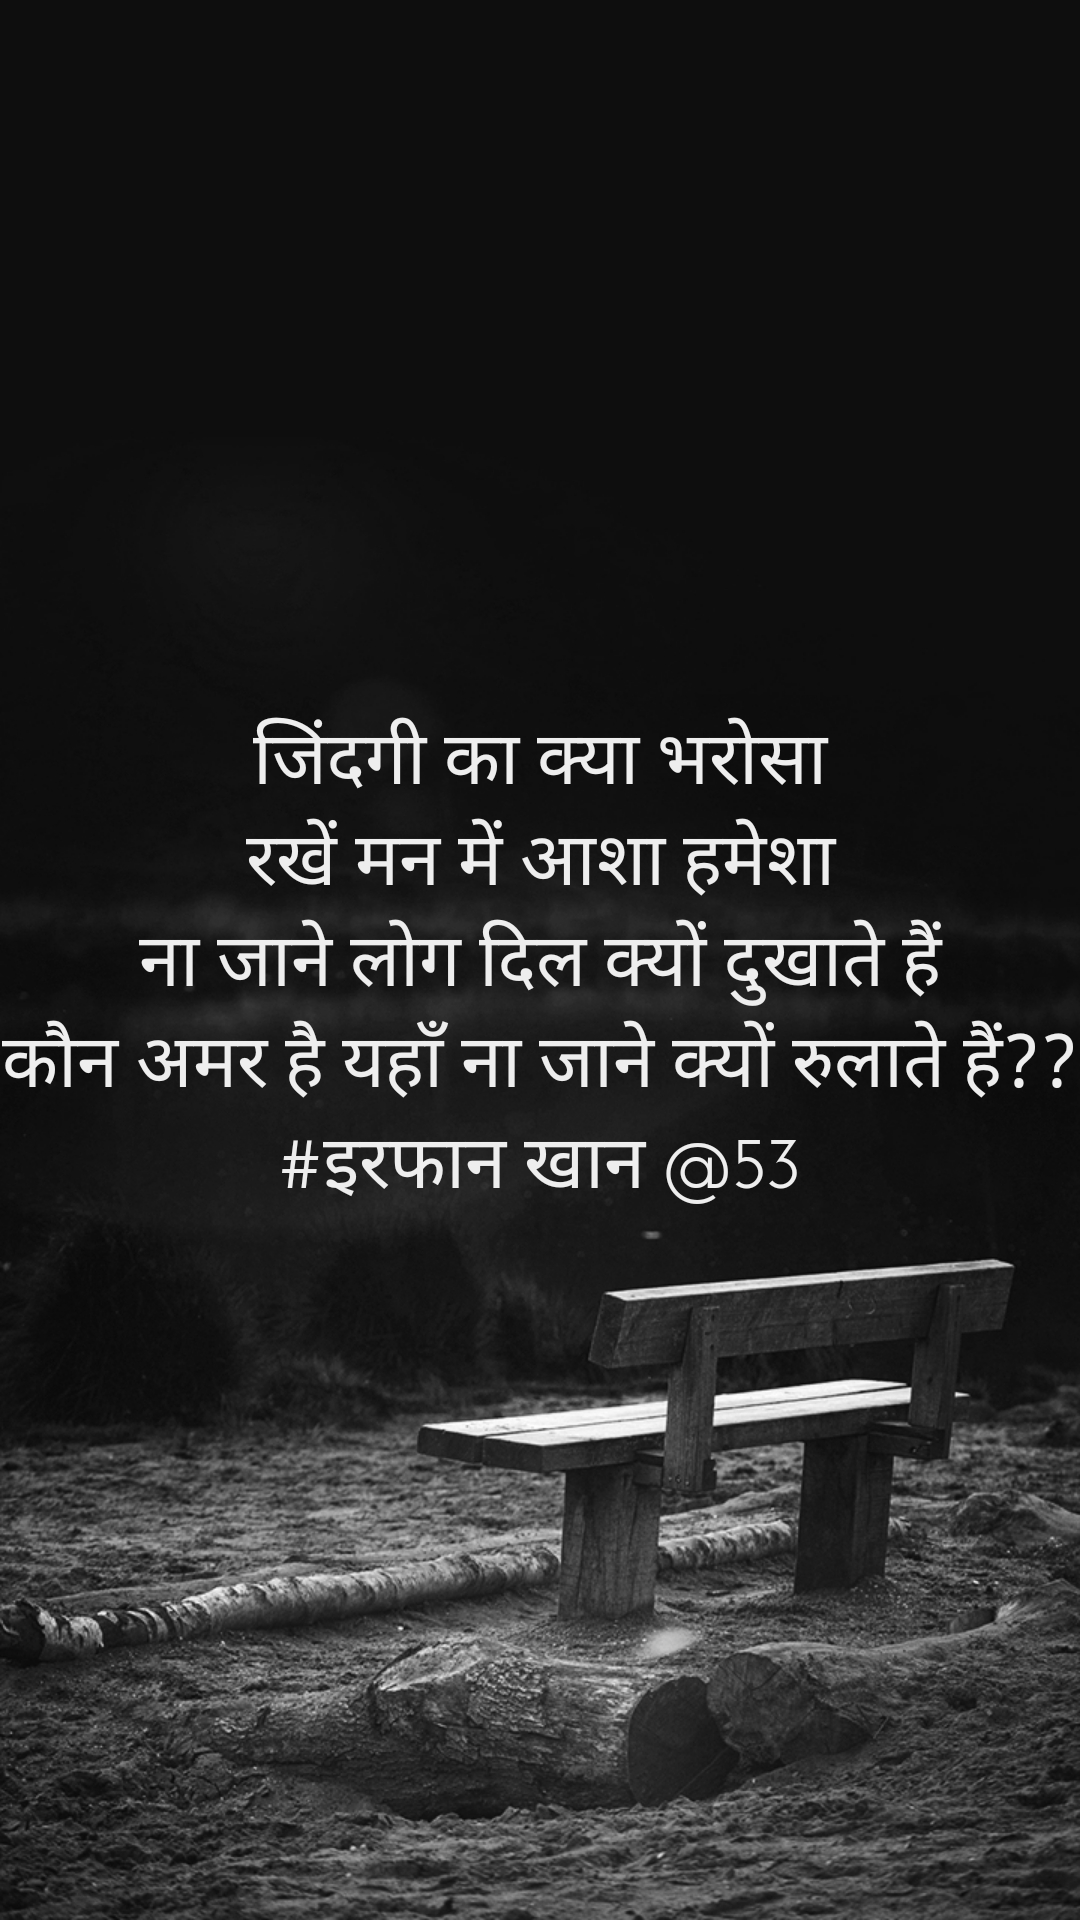 जिंदगी का क्या भरोसा रखें मन में आशा हमेशा ना जाने लोग दिल क्यों दुखाते हैं कौन अमर है यहाँ ना जाने क्यों रुलाते हैं?? #इरफान खान @53